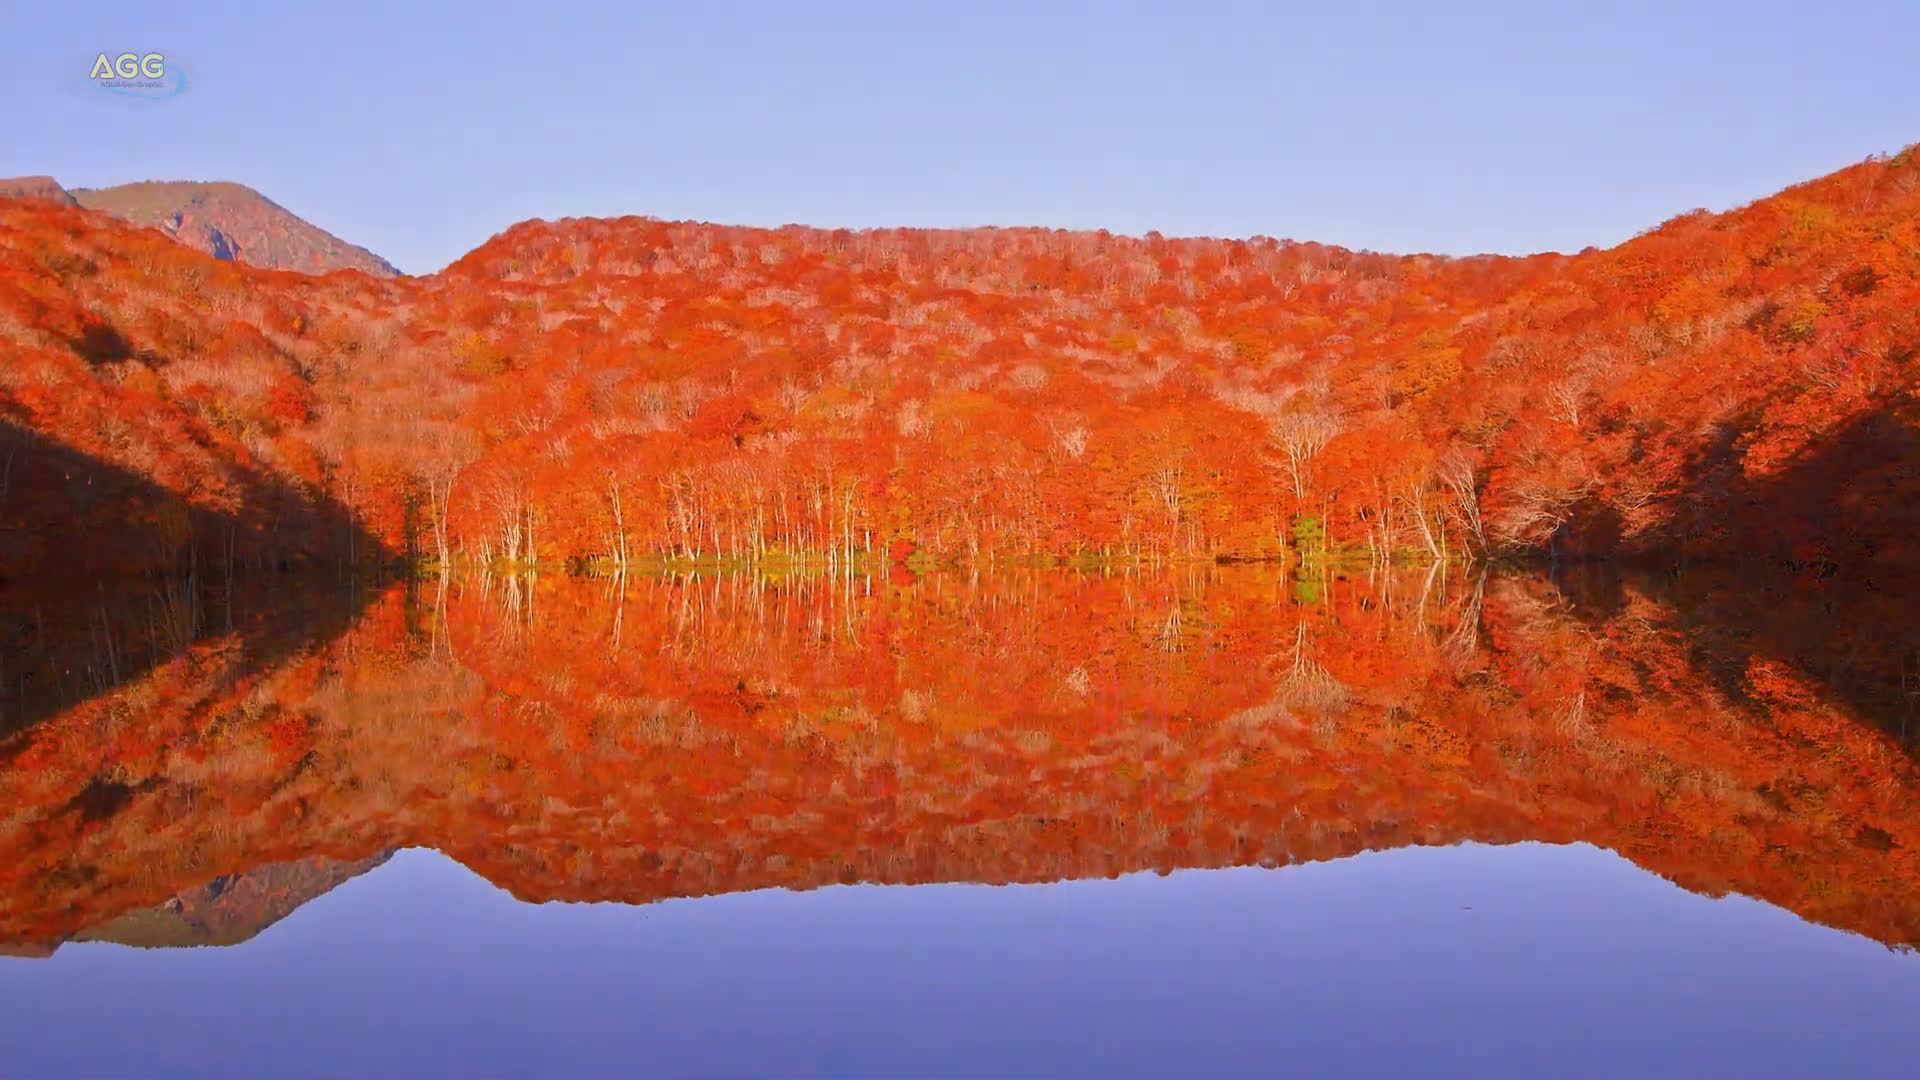 青森县茑沼的红叶!太好看了 视频来源